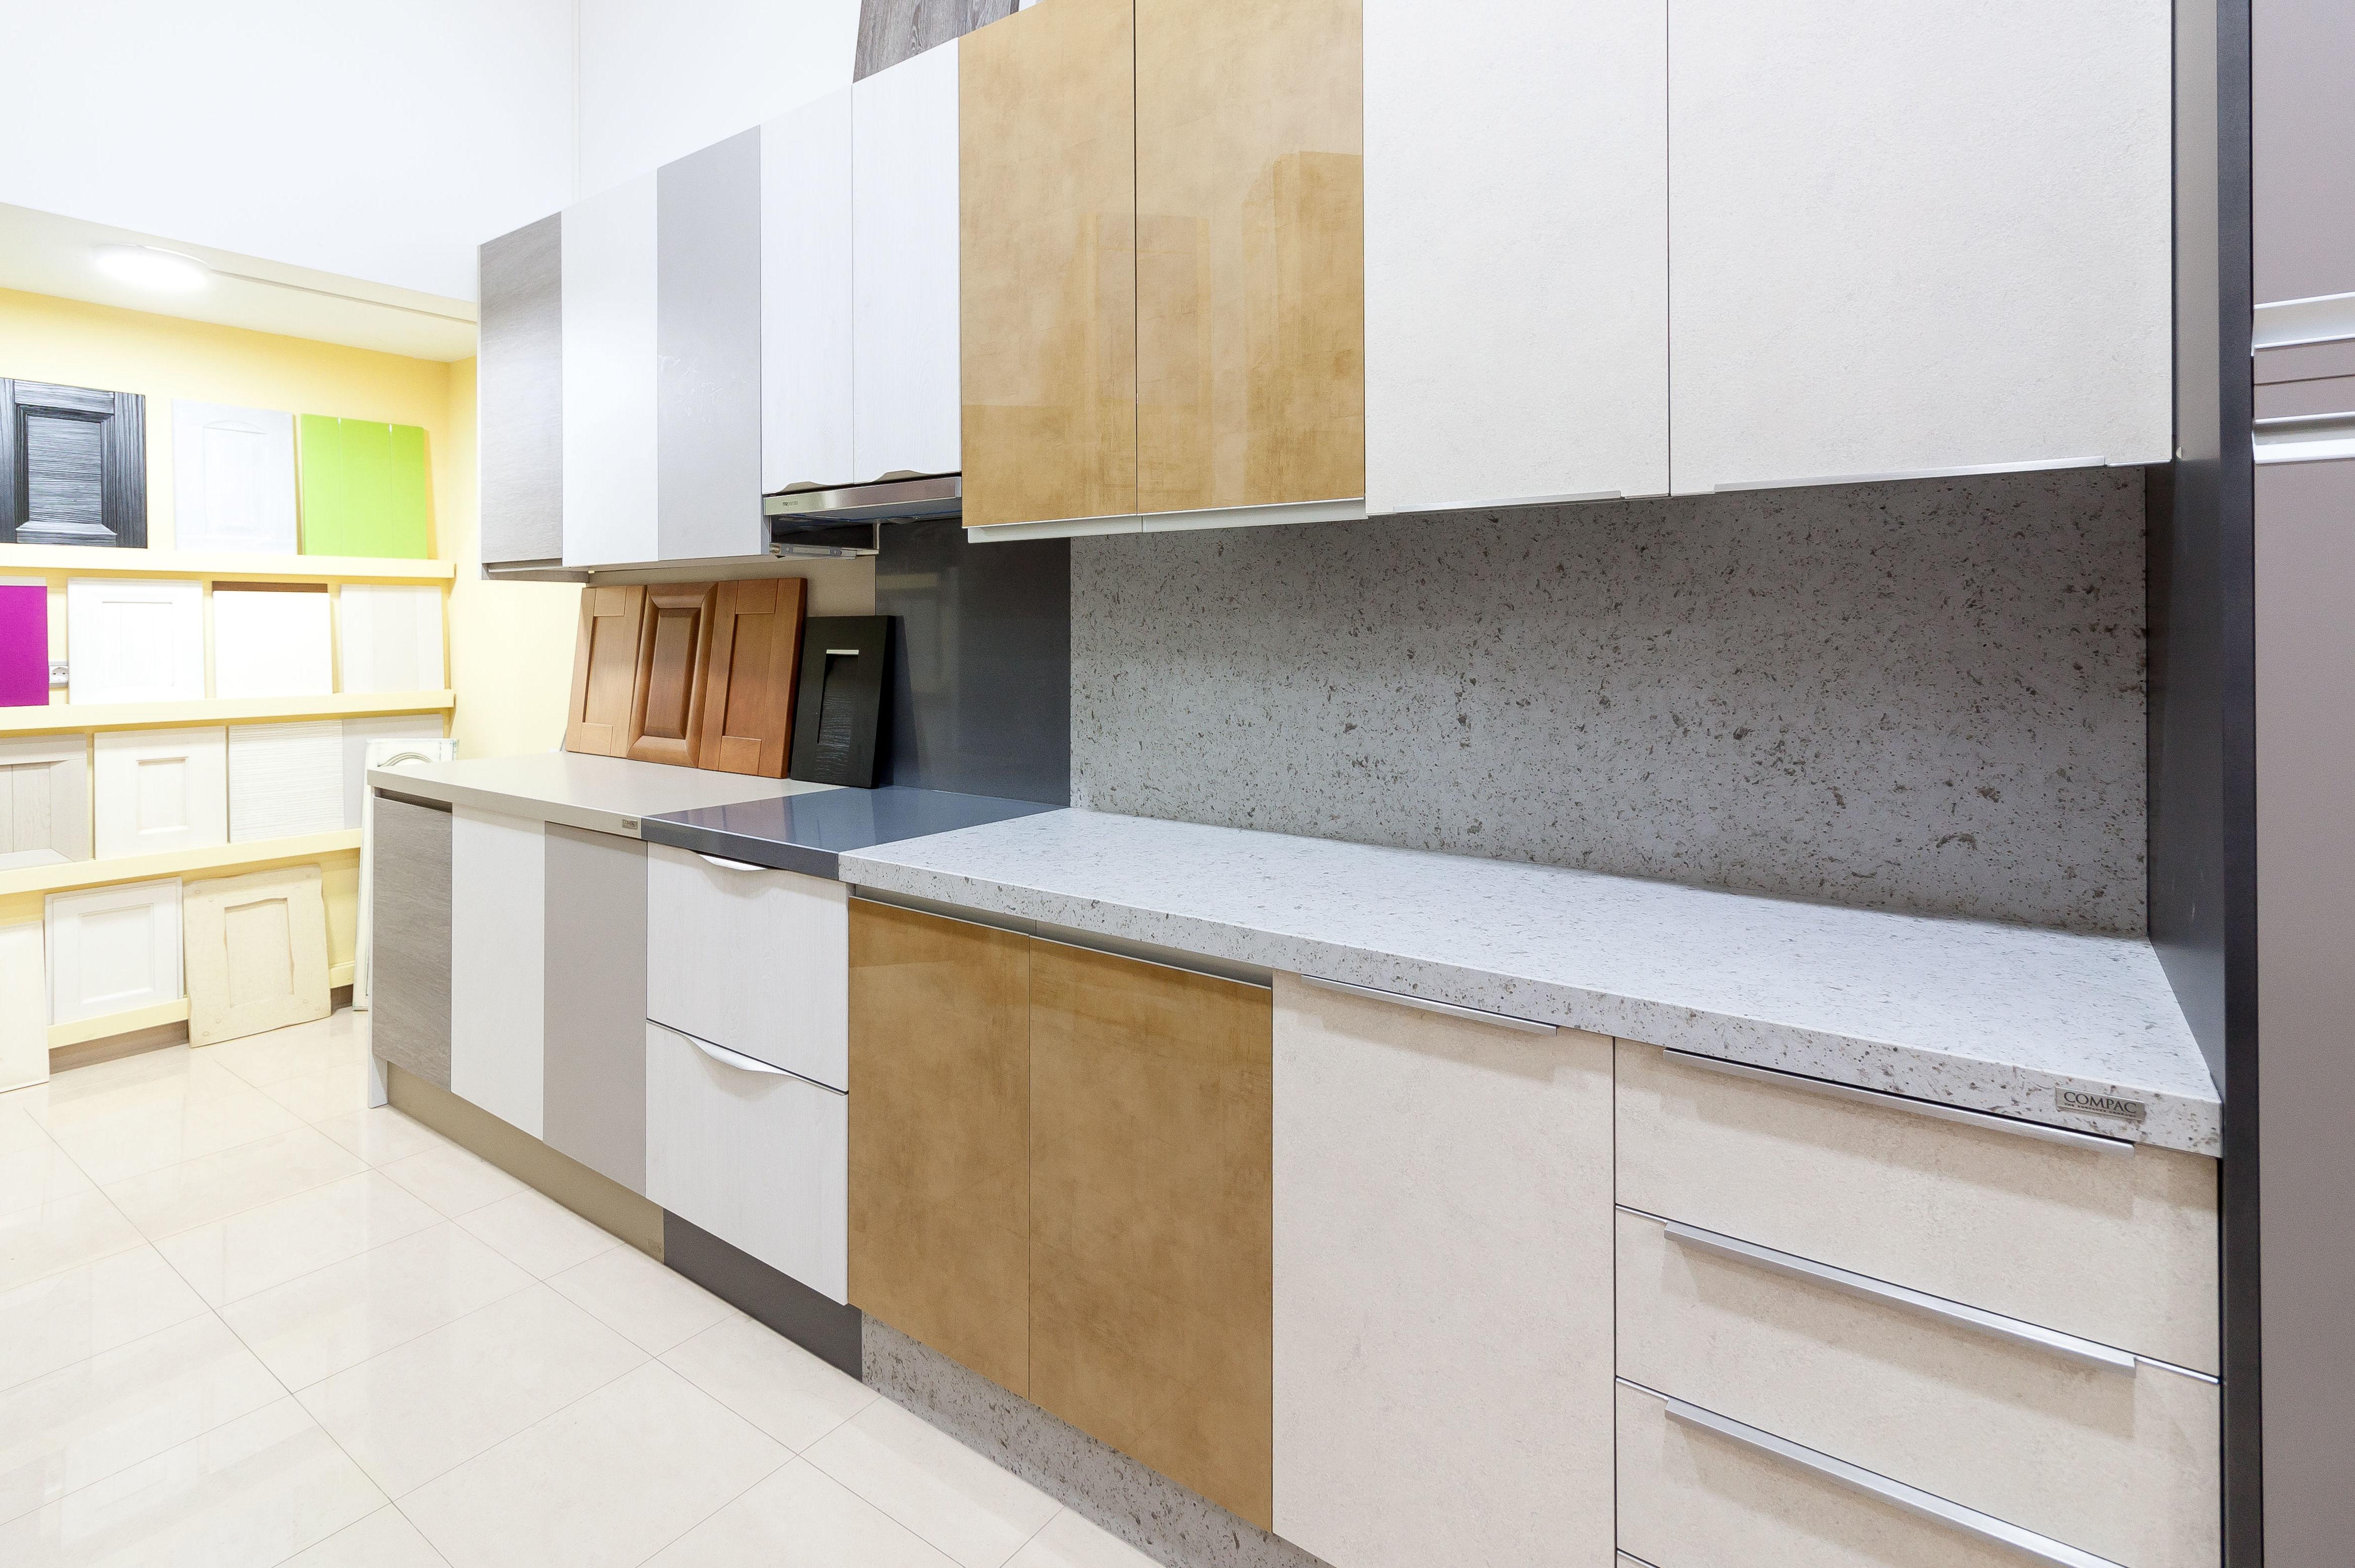 Muebles de cocina a medida en Mazarrón